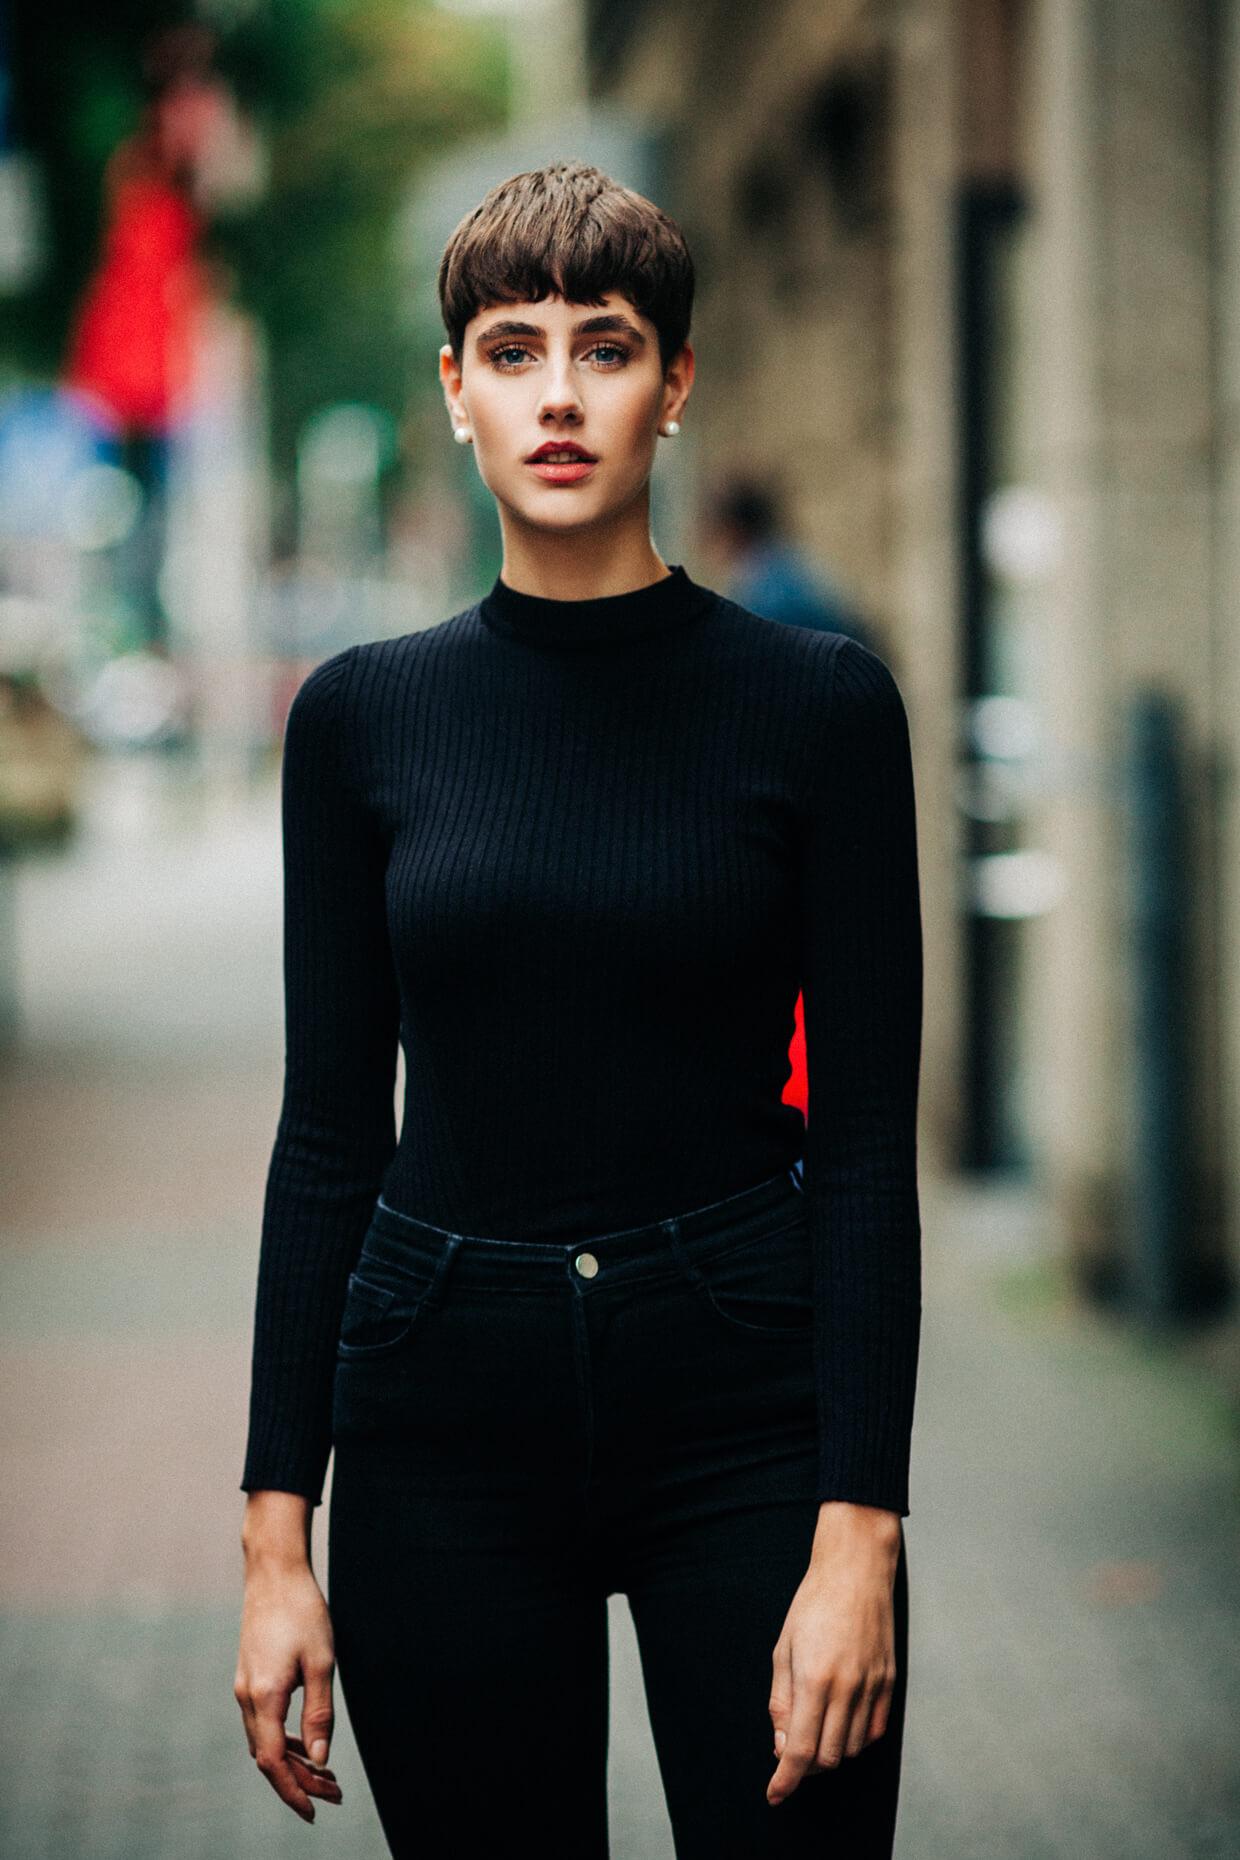 Justine GNTM Model